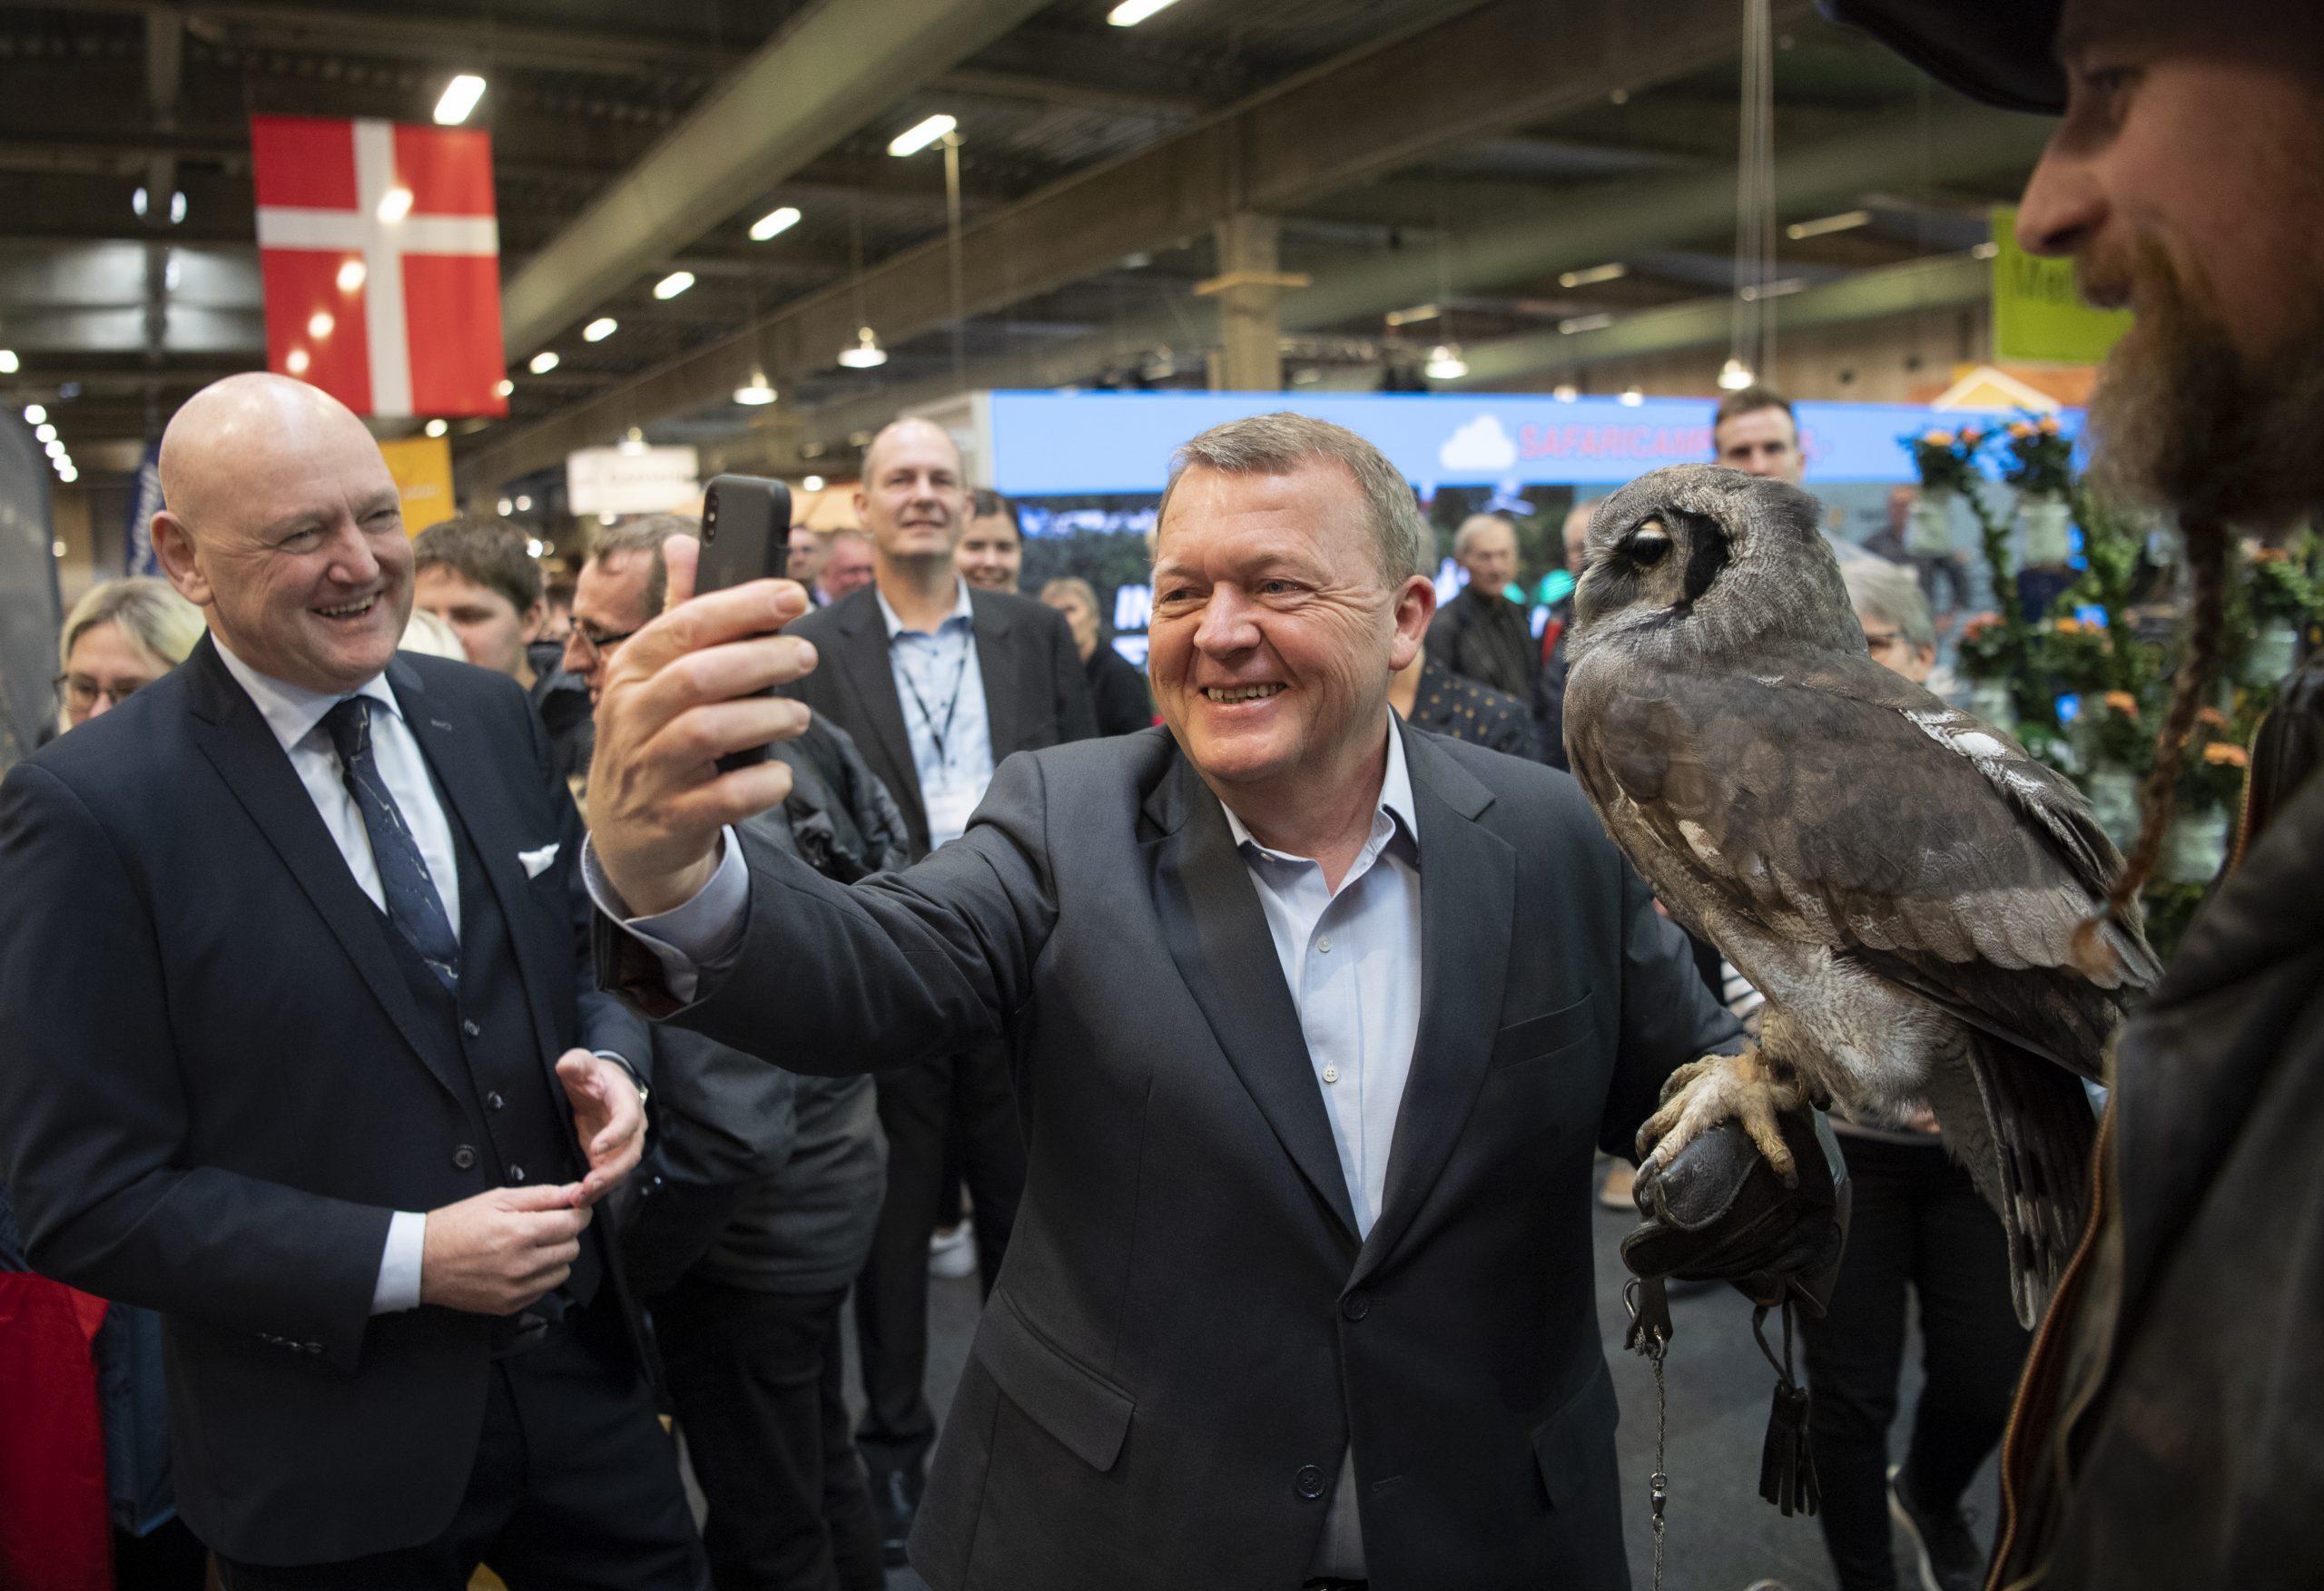 Også som statsminister interesserede Lars Løkke Rasmussen sig for turisme. Her arkivfoto fra sidste år, hvor han besøgte Ferie for Alle i Messecenter Herning. Pressefoto for MCH: Lars Møller.